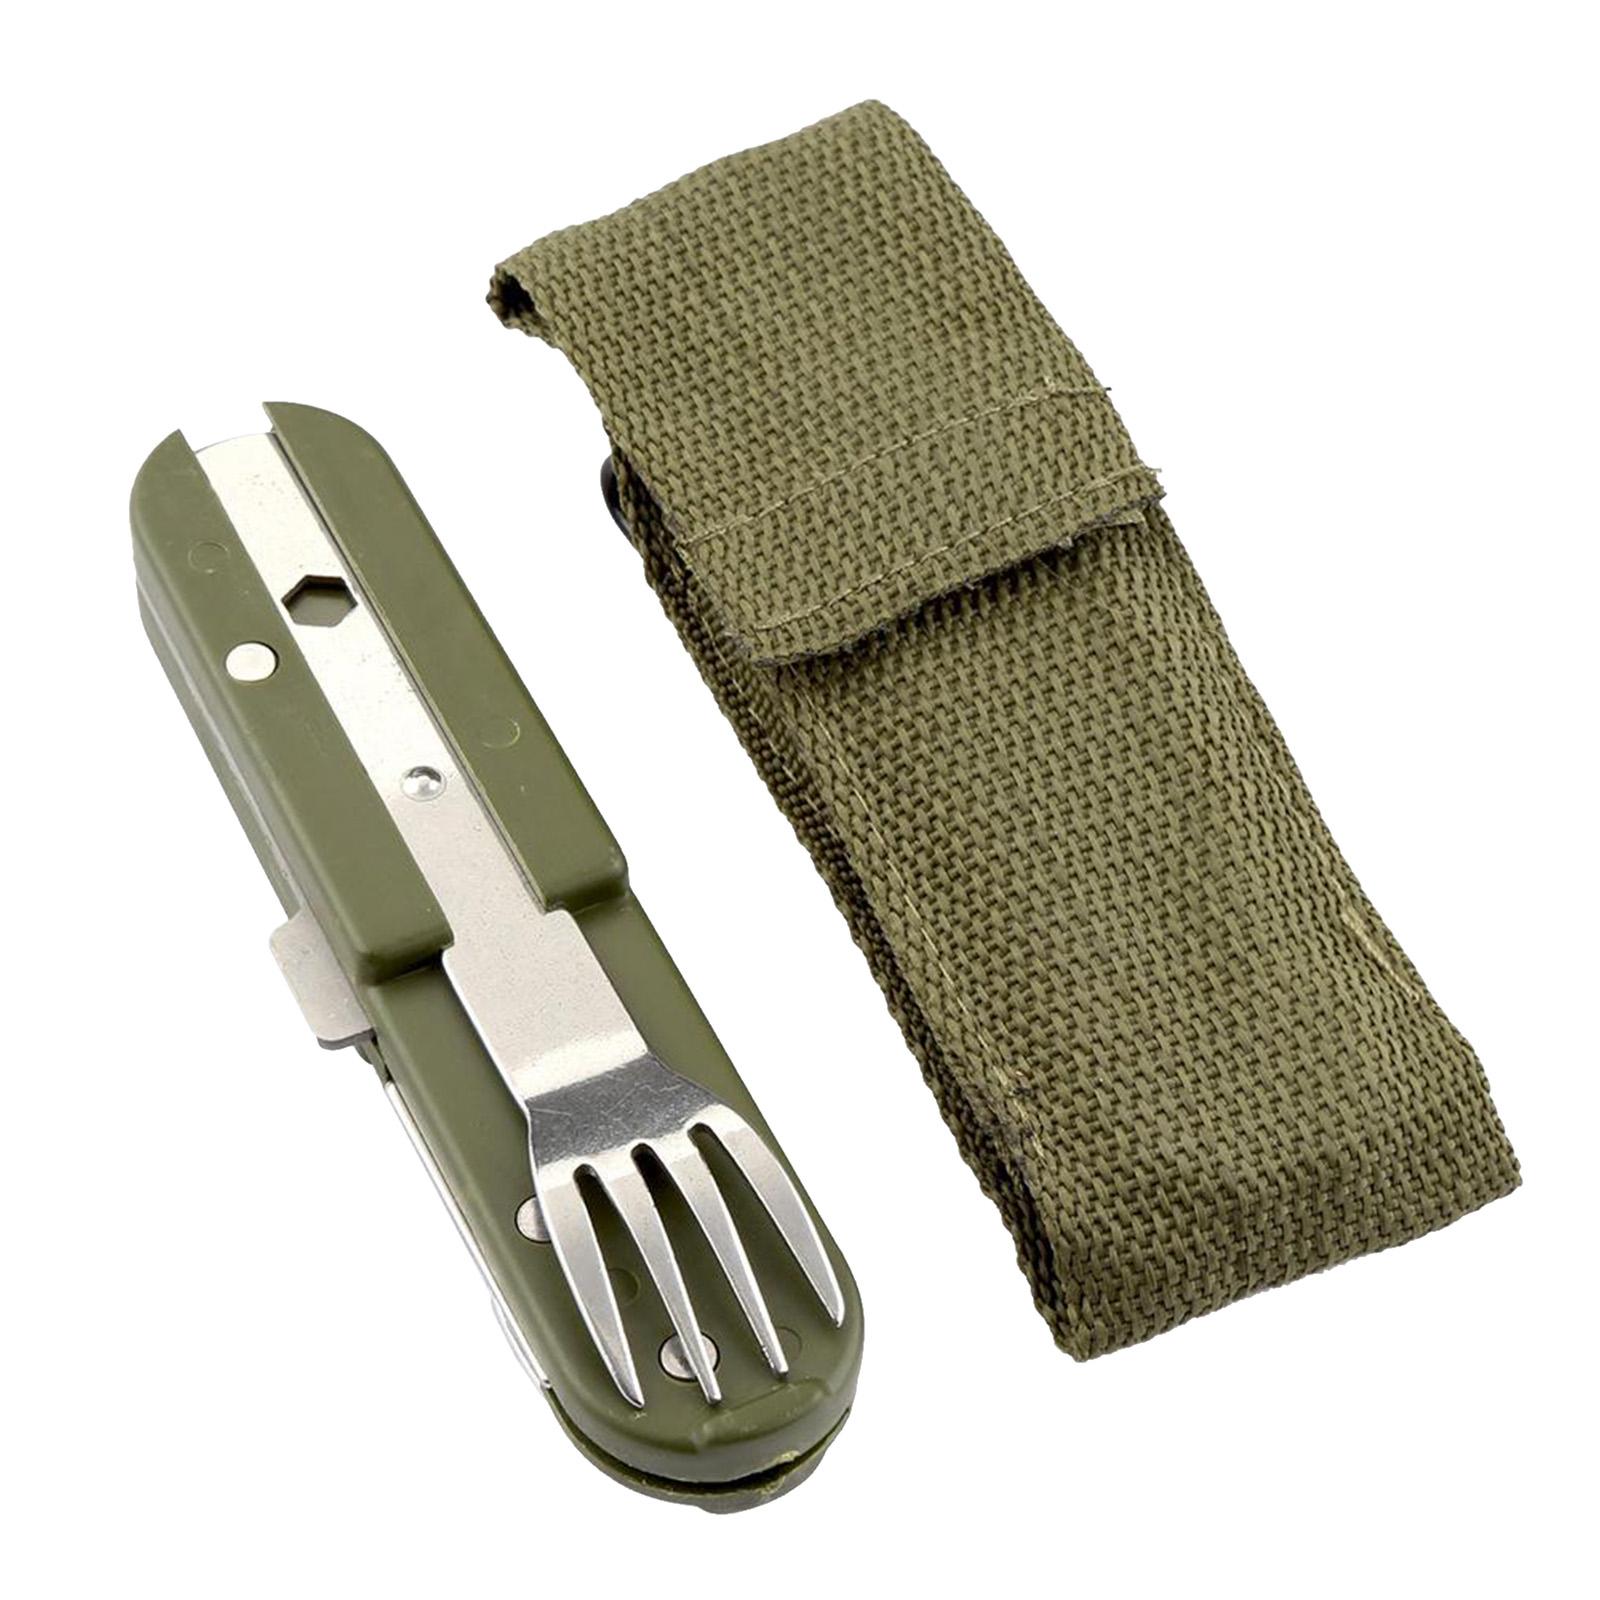 3 in 1 Besteck Combo tragbare Küche Utensilien Mahlzeit Zubehör für Camping Home